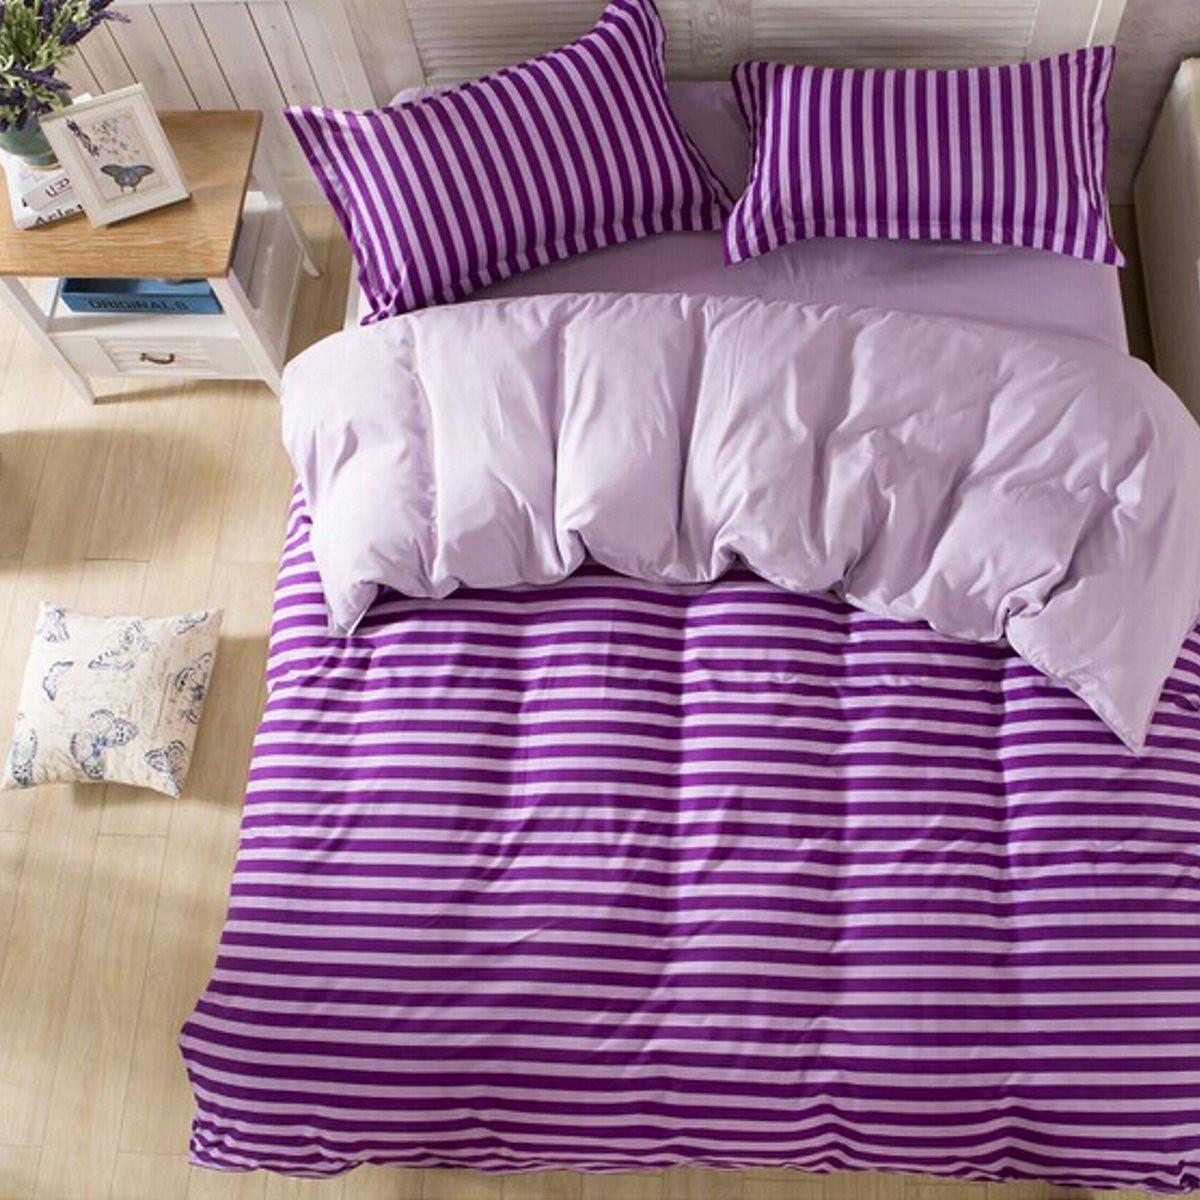 Promoci n de rey ropa de cama sola compra rey ropa de for Sabanas para cama king size